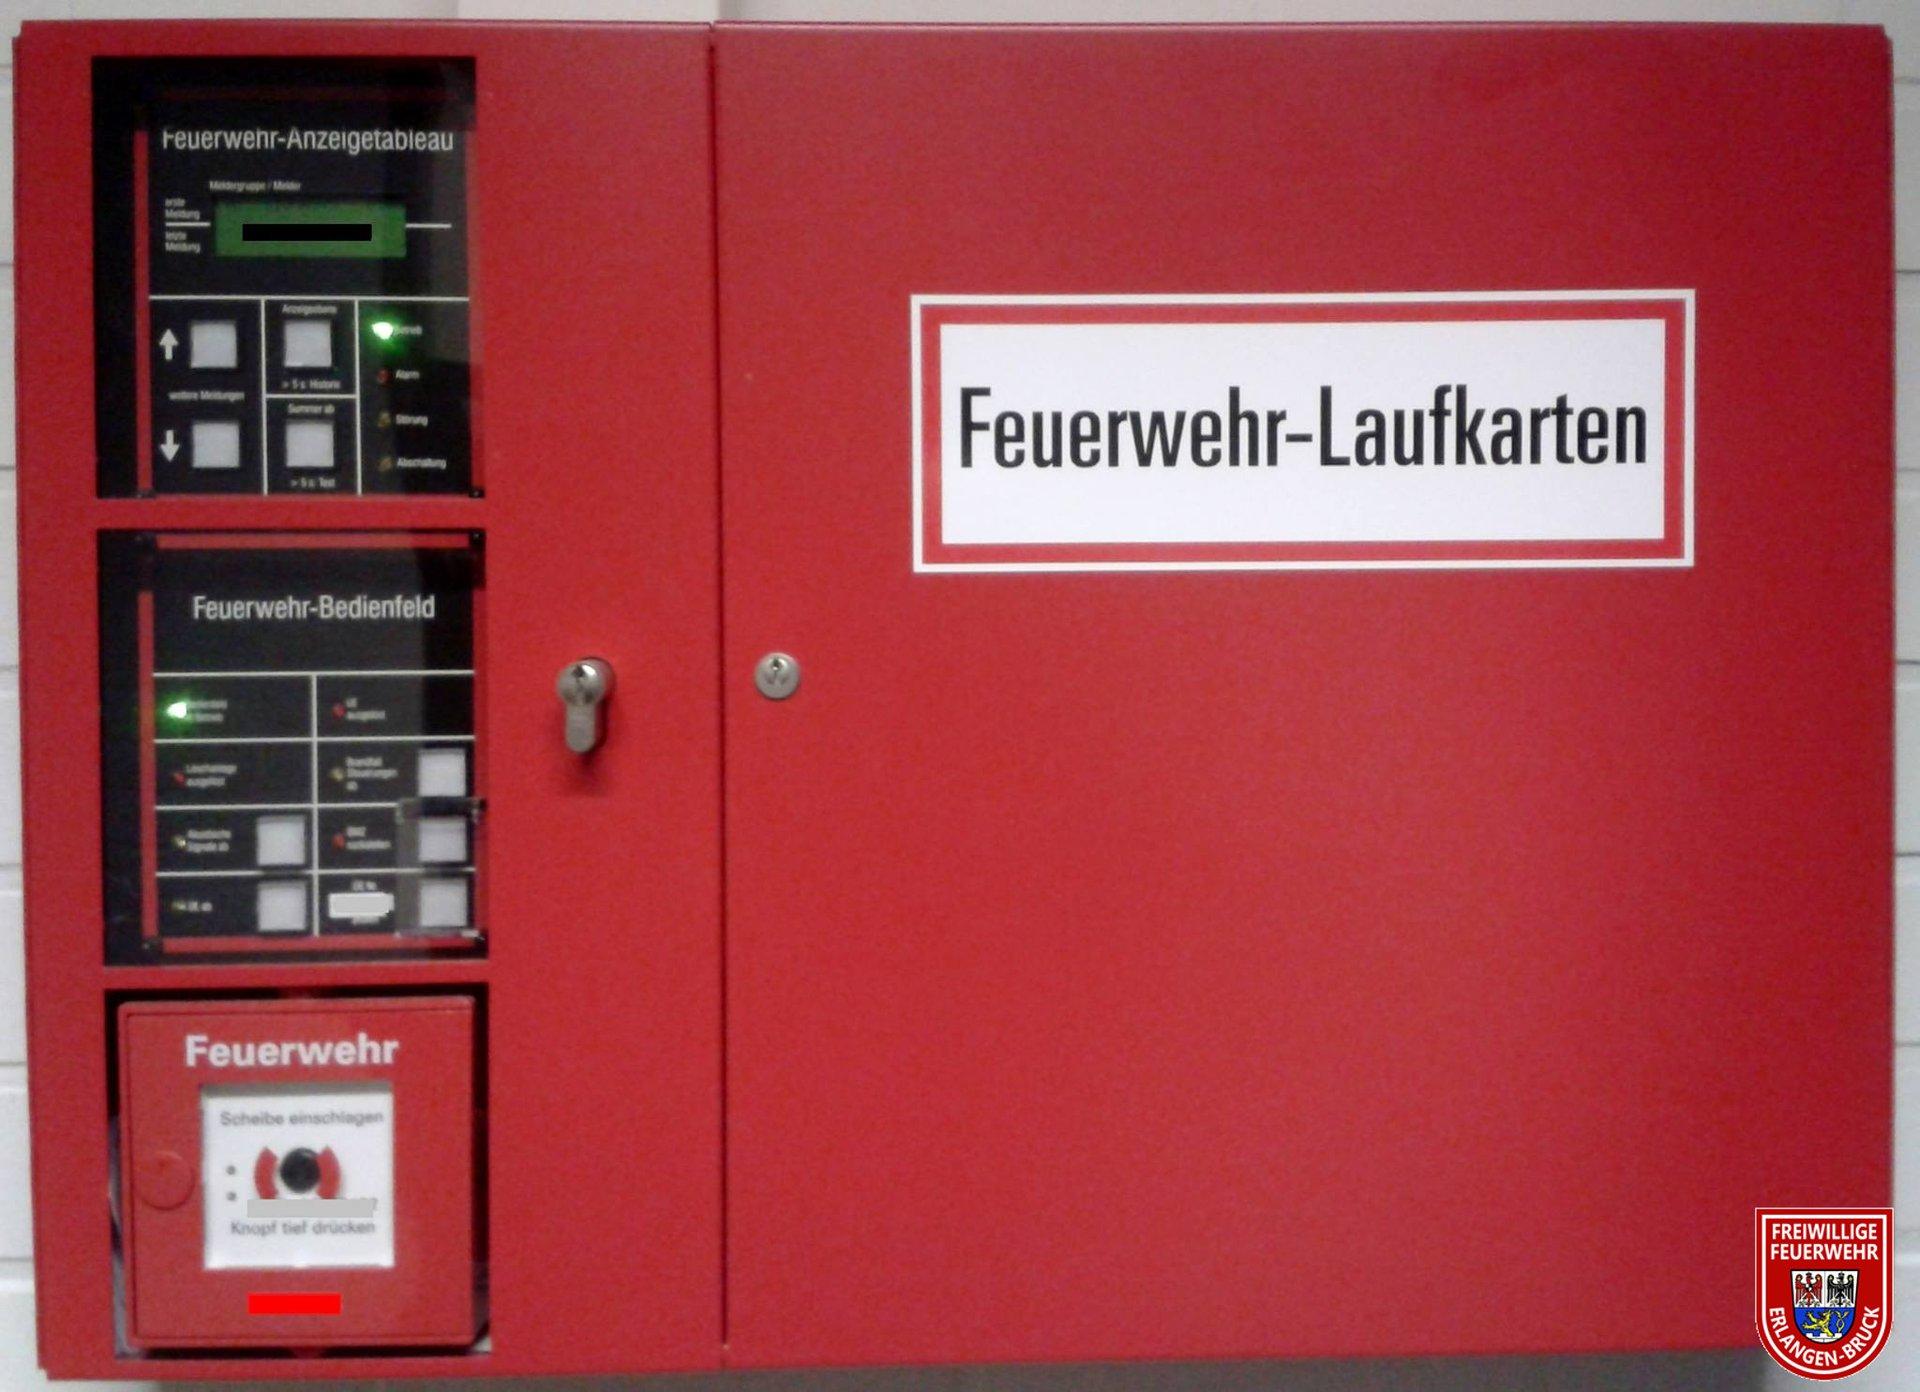 Gemütlich Schaltplan Für Brandmeldeanlage Bilder - Die Besten ...